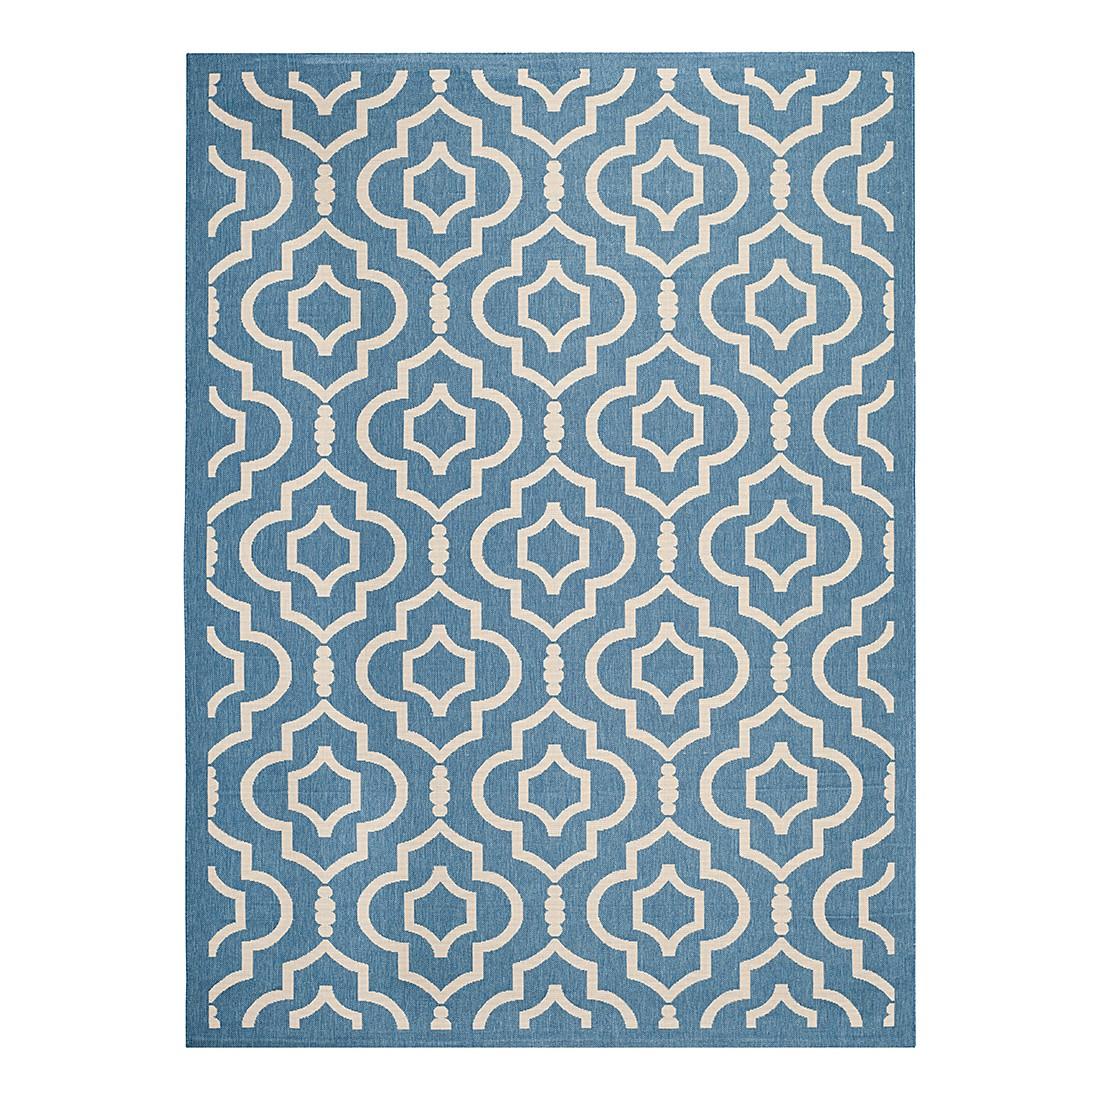 In-/Outdoorteppich Mykonos – Blau/Beige – Maße: 121 x 170 cm, Safavieh günstig kaufen